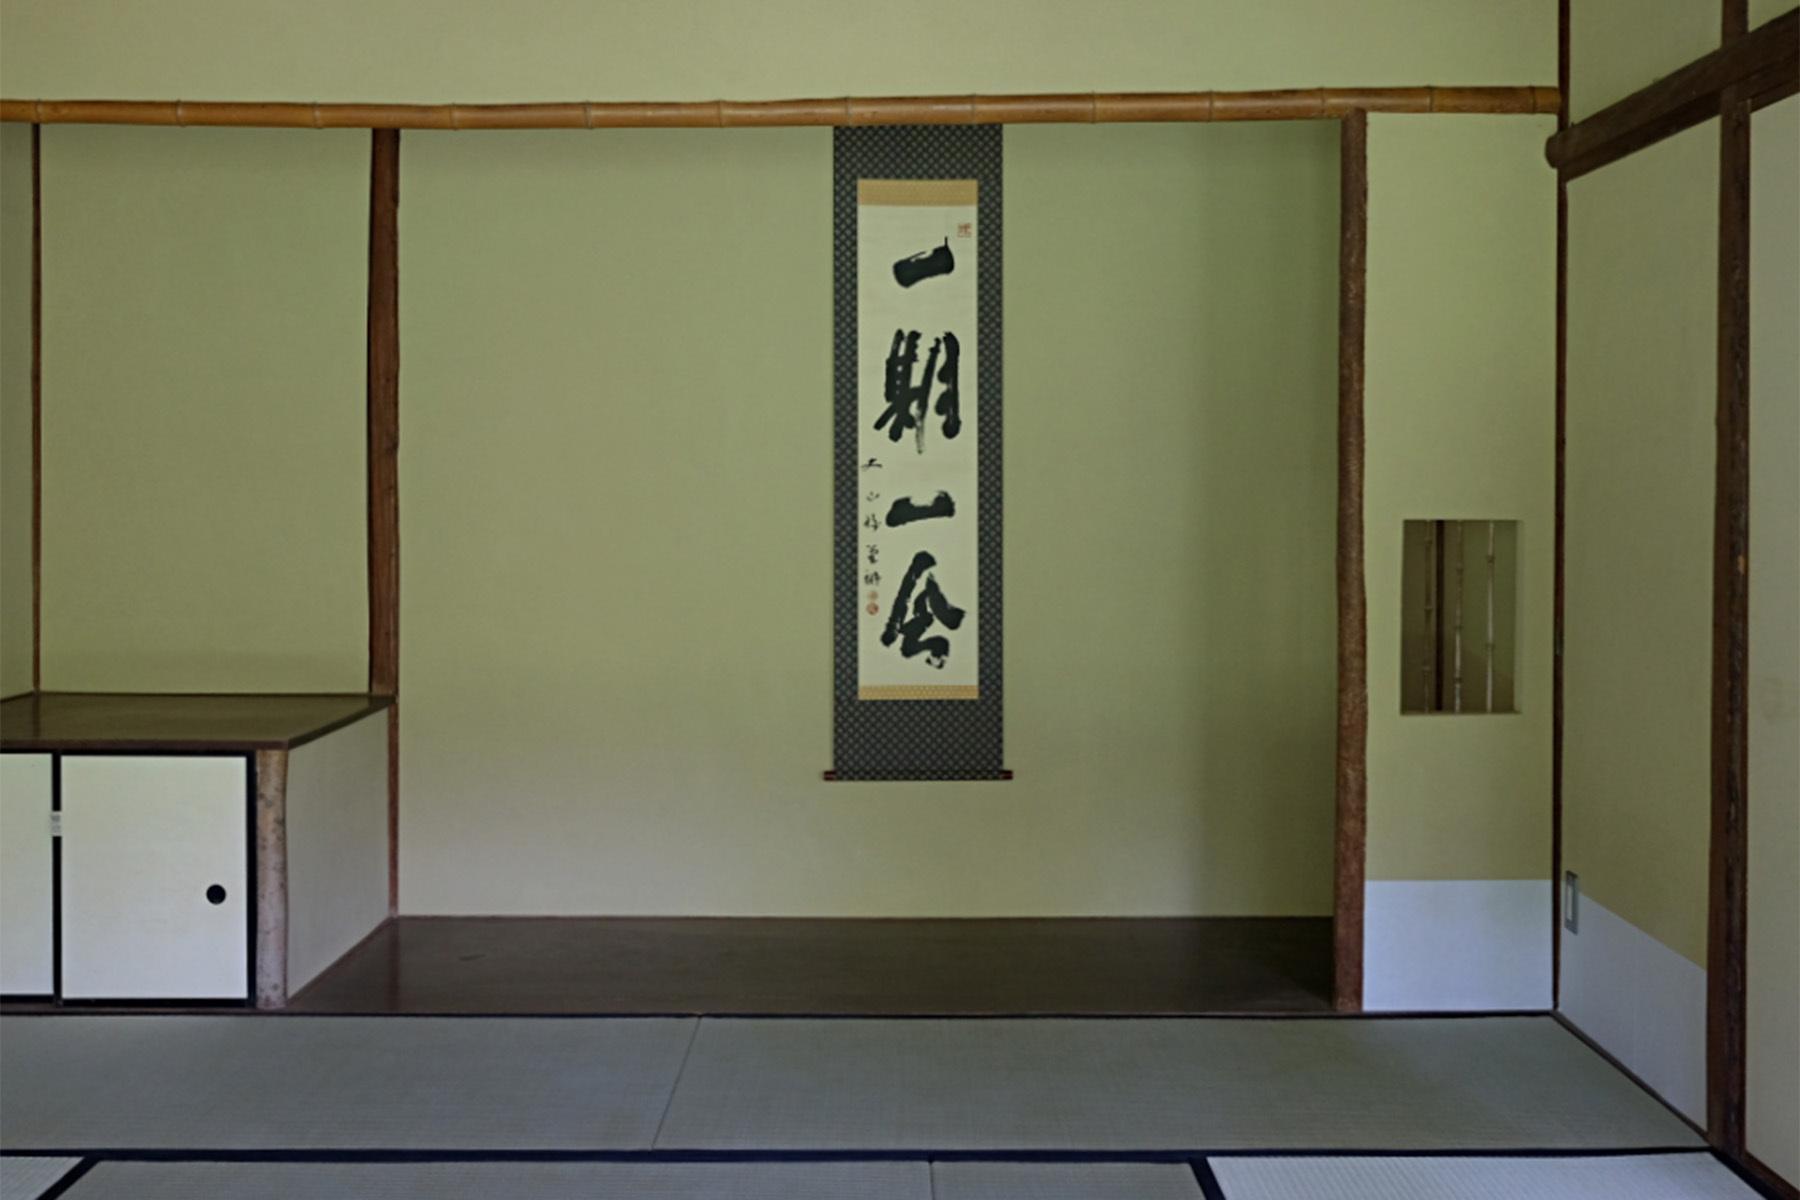 雪ノ下の茶亭玄関